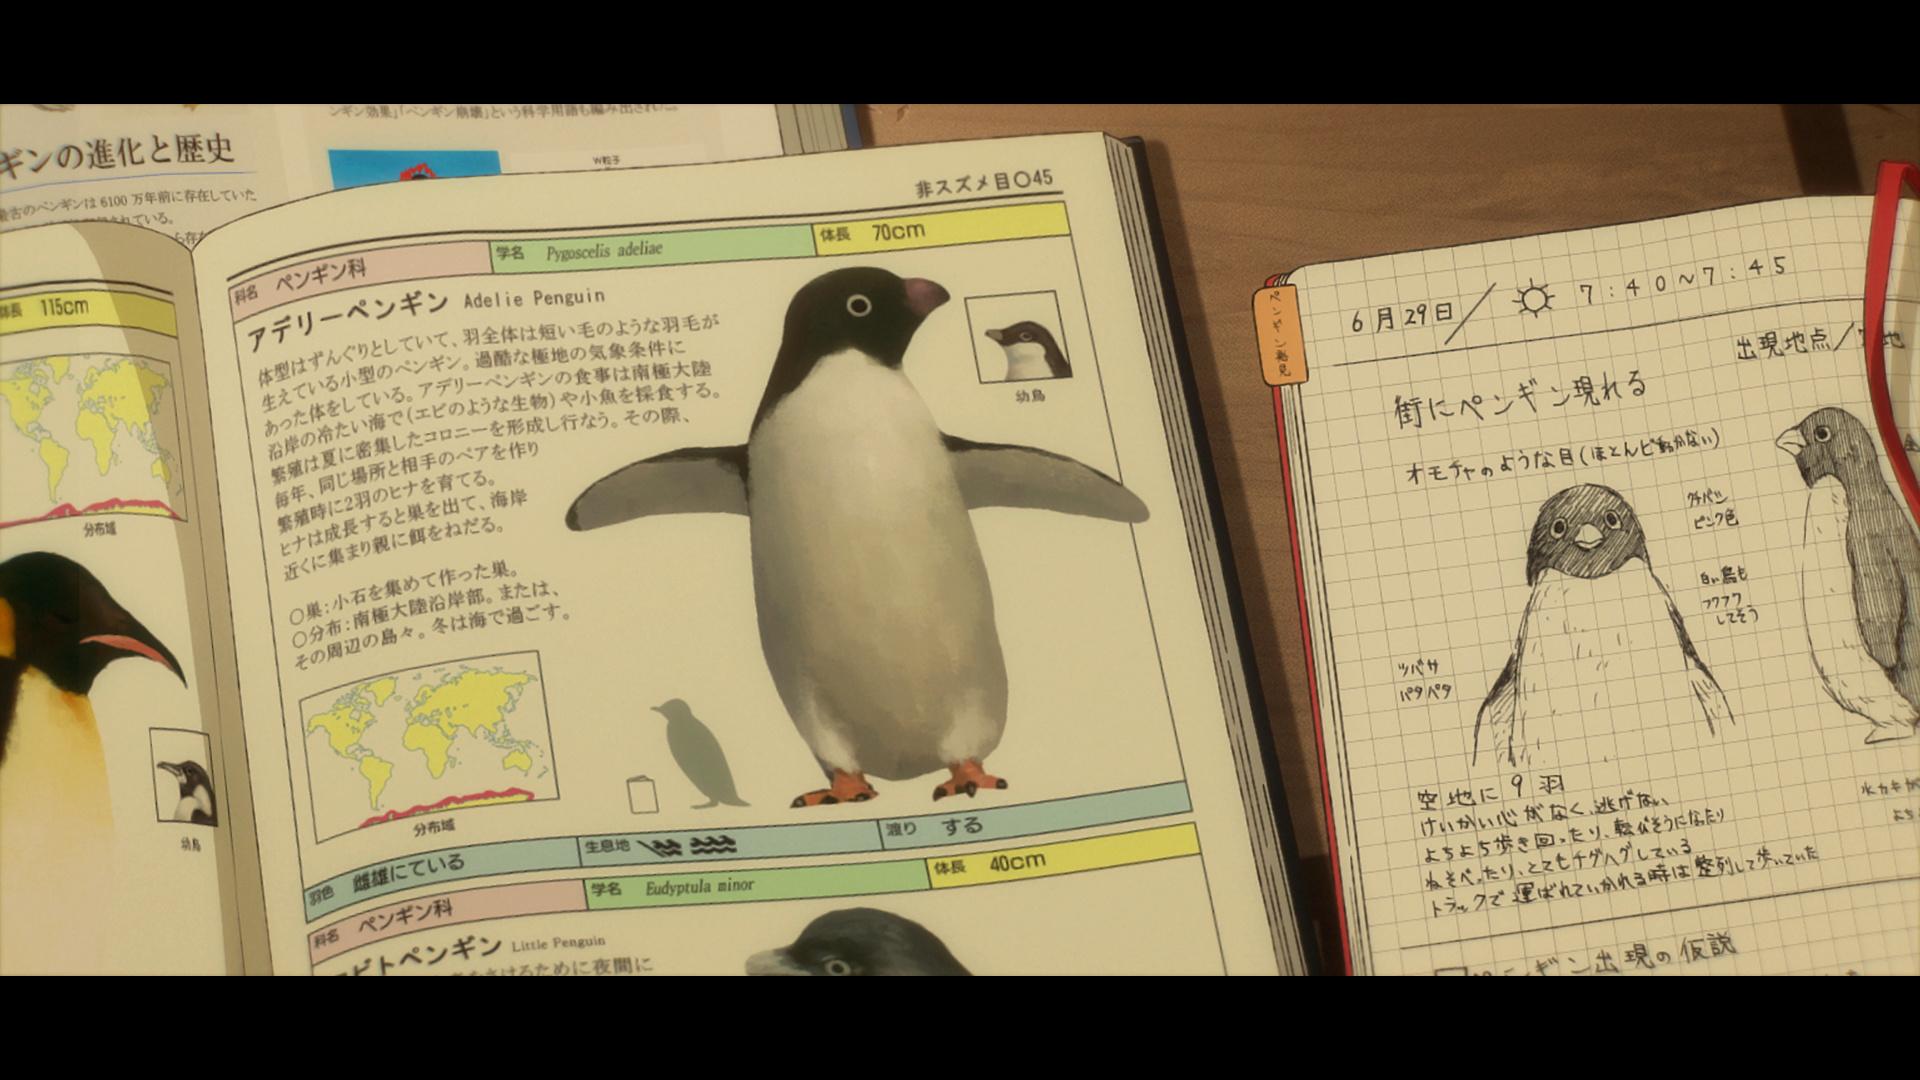 電影《企鵝公路》畫面和場景 0614_p19